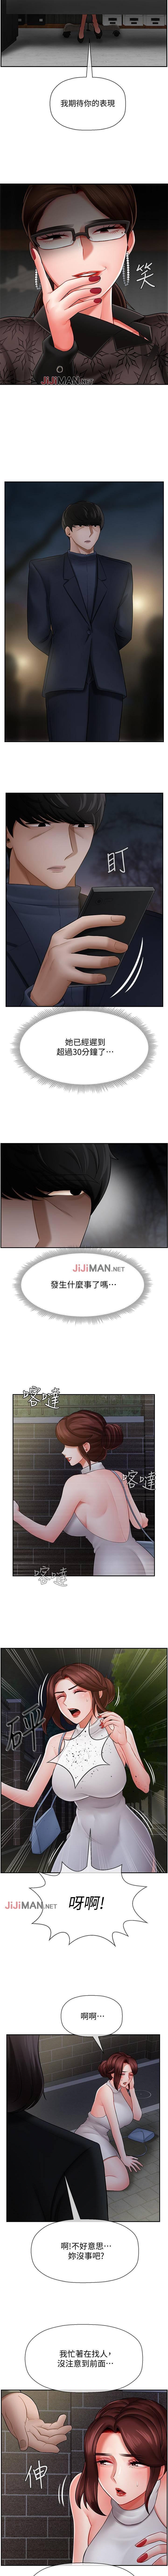 【已休刊】坏老师(作者:朴世談&福) 第1~31话 58